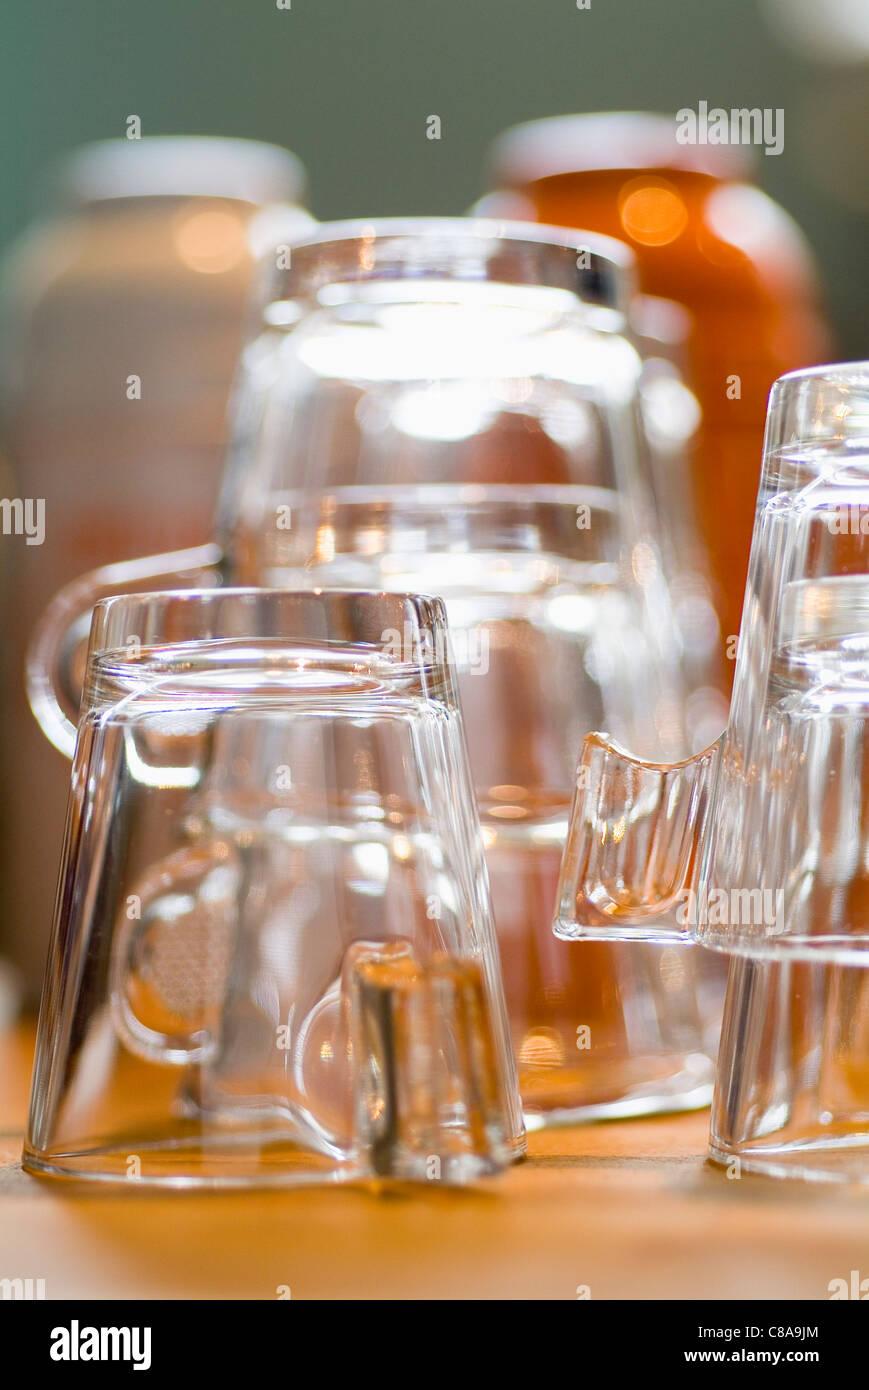 Pulire e svuotare le coppe di vetro Immagini Stock